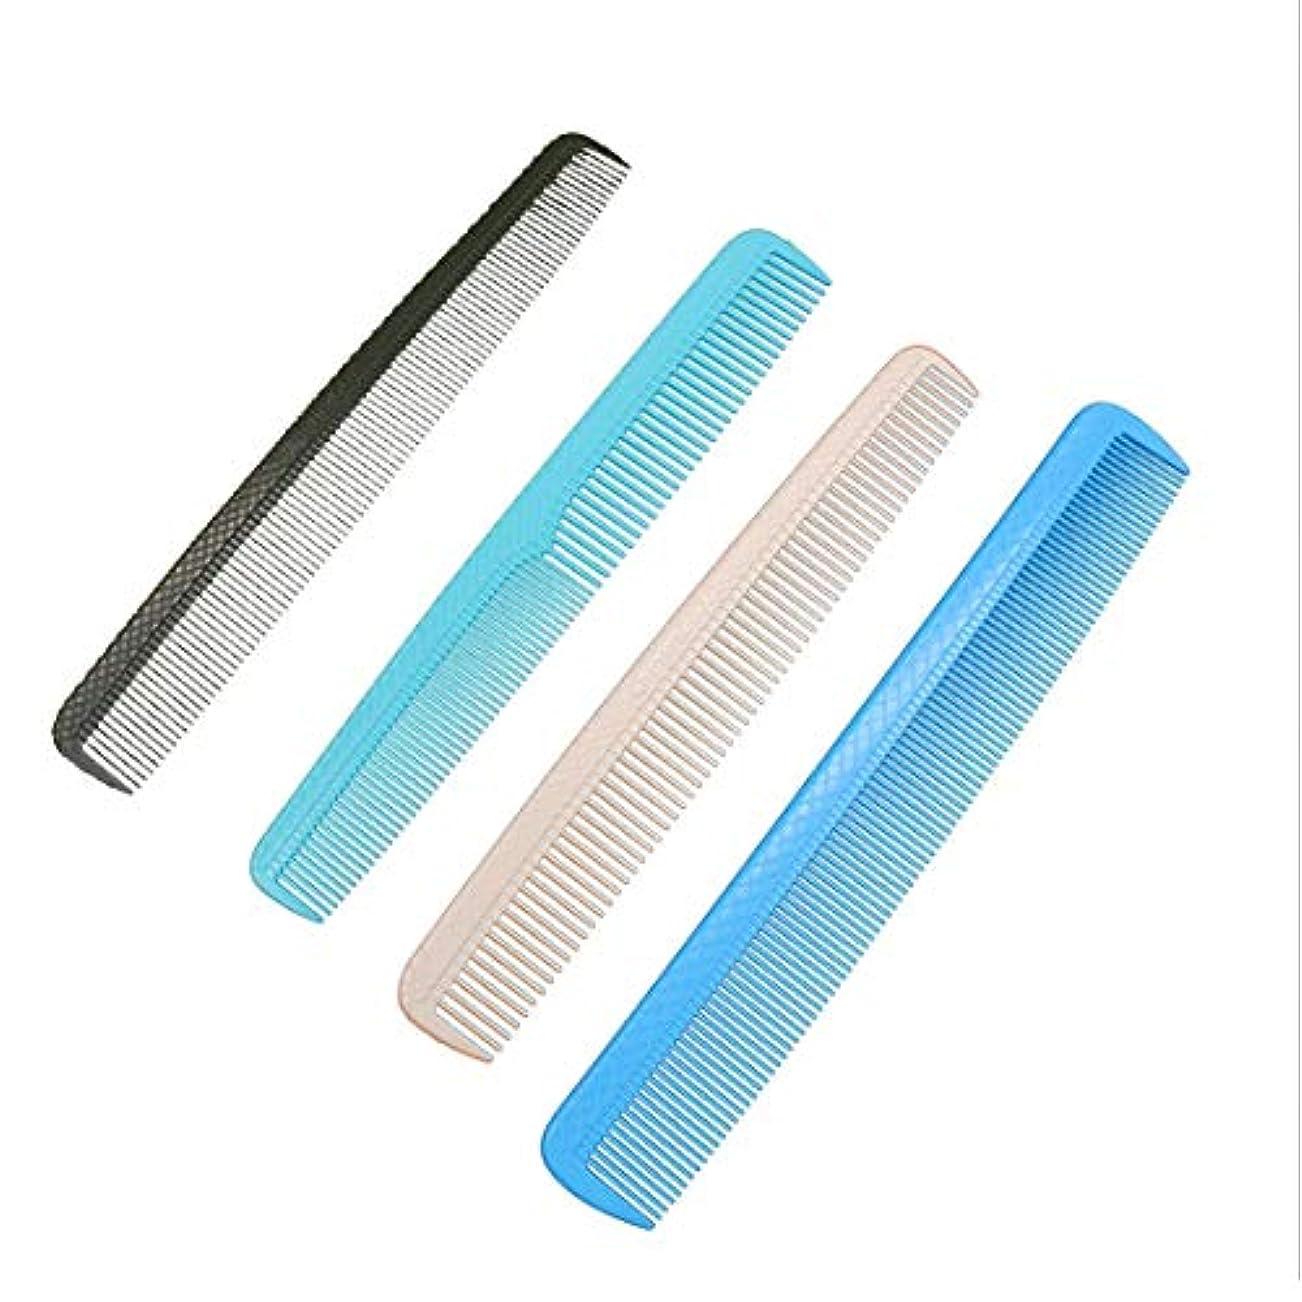 メッシュ思想シャット(ランダムカラー)折りたたみ耐性くし - プラスチック毛くし帯電防止くし超薄型ハンドルくし - 粗いおよび細かい歯付きくし用女性または男性用くし ヘアケア (サイズ : A4)